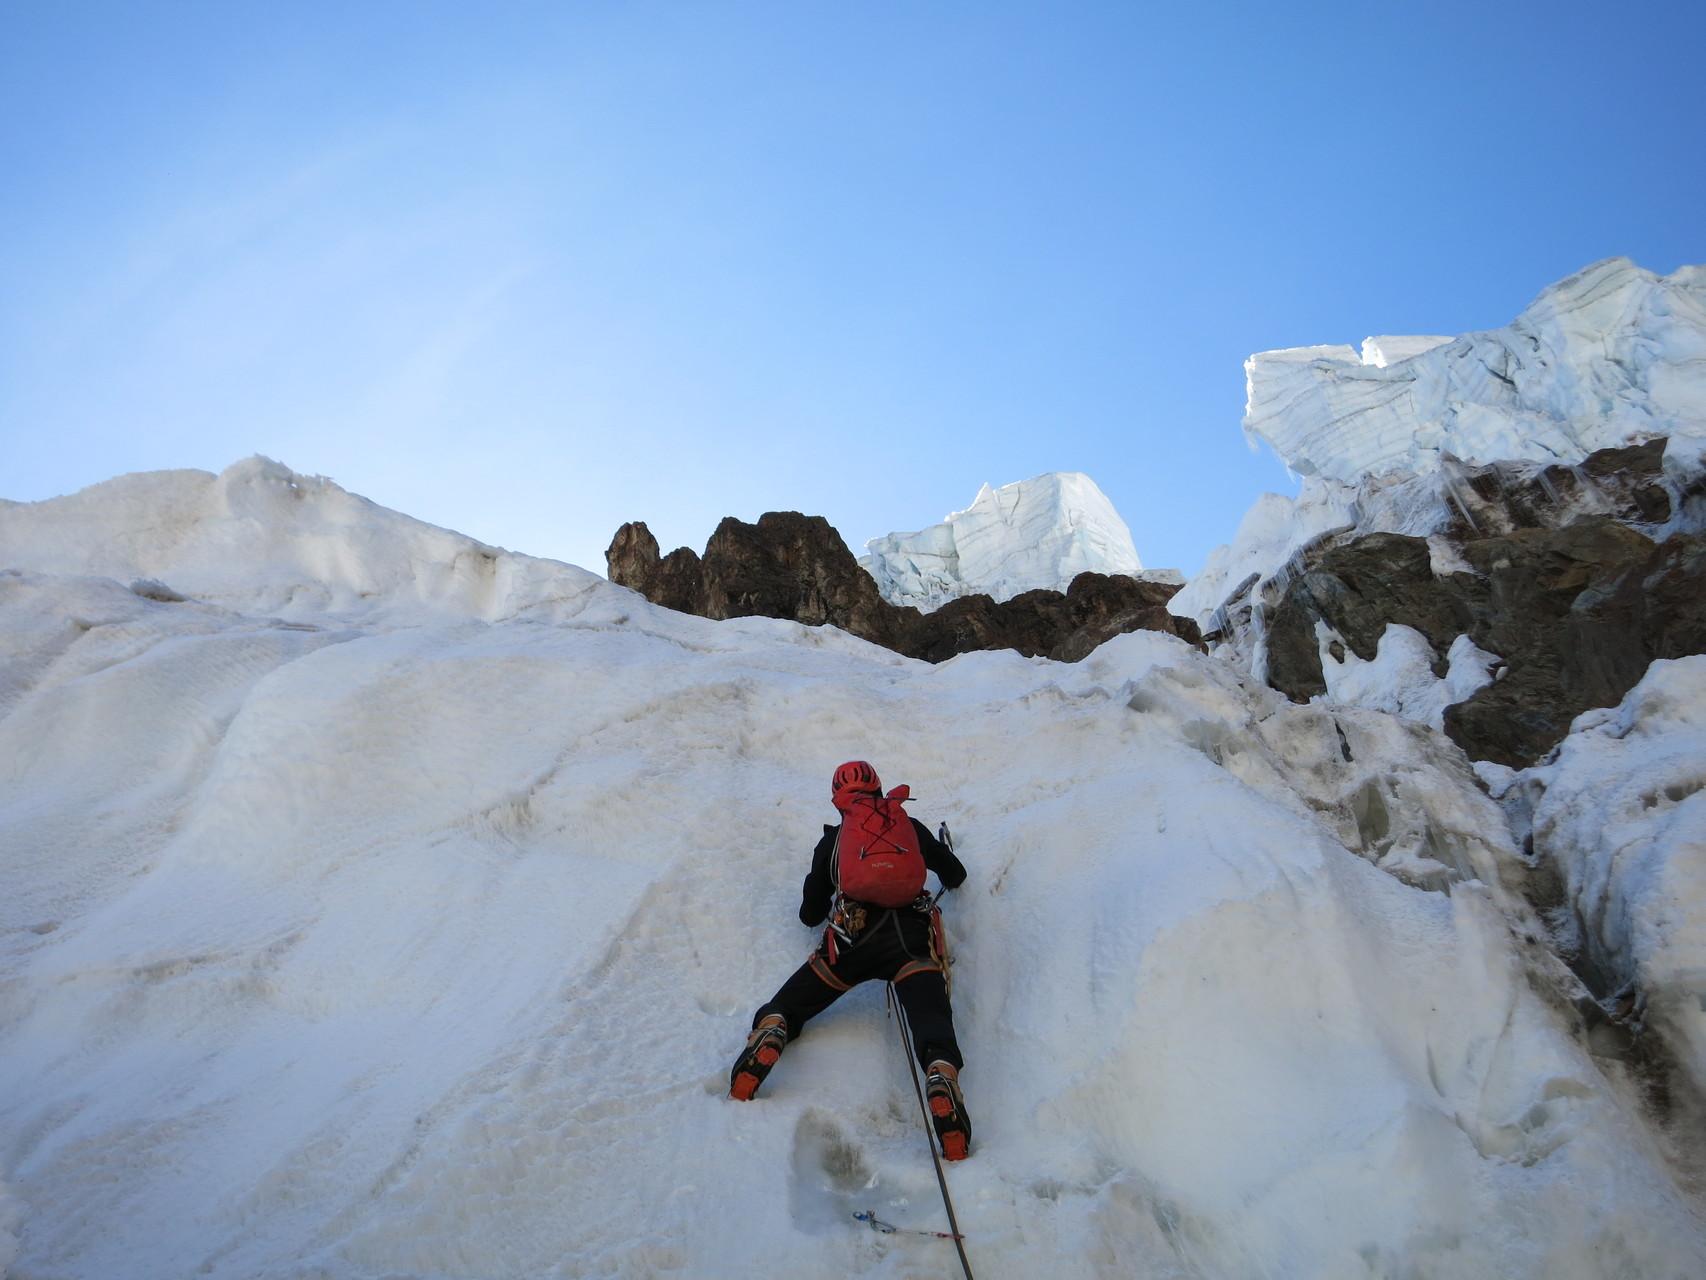 Nachdem wir eine riesige Spalte überklettern konnten, folgte steiles Eis den Spaltenrand hinauf